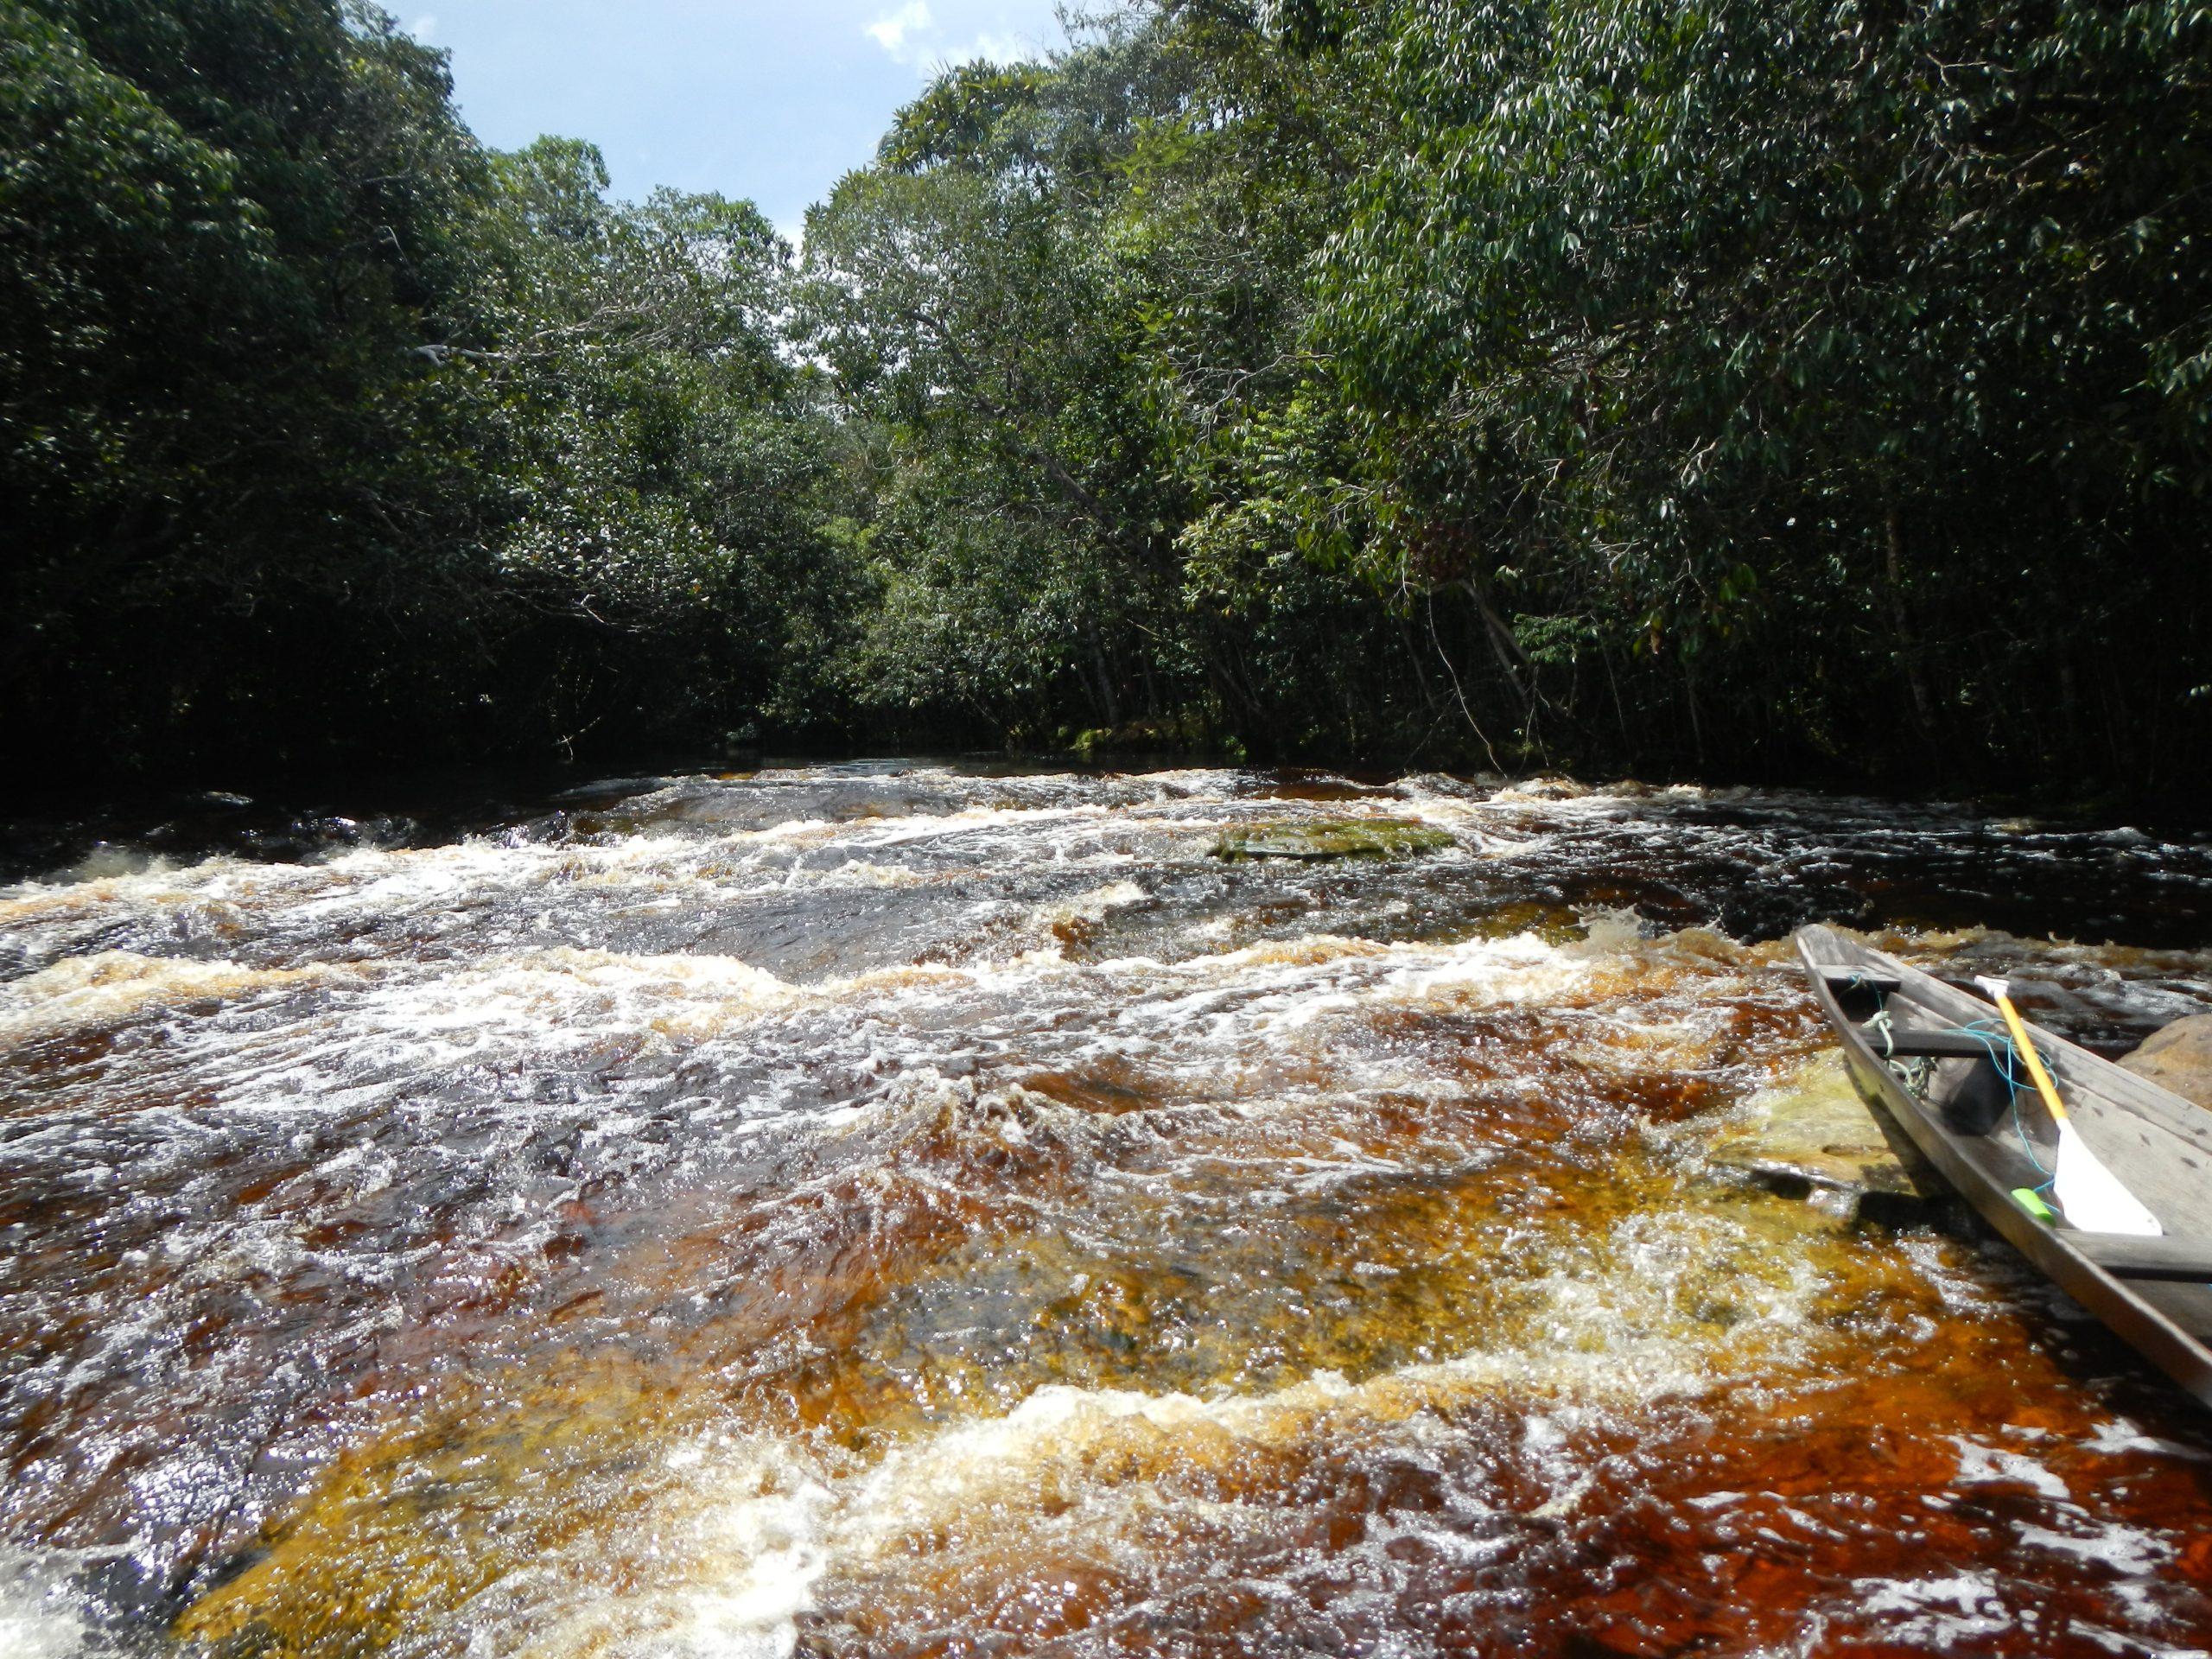 A Trilha do Bariaú acompanha o rio de mesmo nome, considerado um dos mais bonitos do Parque por suas belas corredeiras, que ficam cobertas durante parte da estação da cheia. Corredeiras do Bariaú. Foto: Priscila Santos